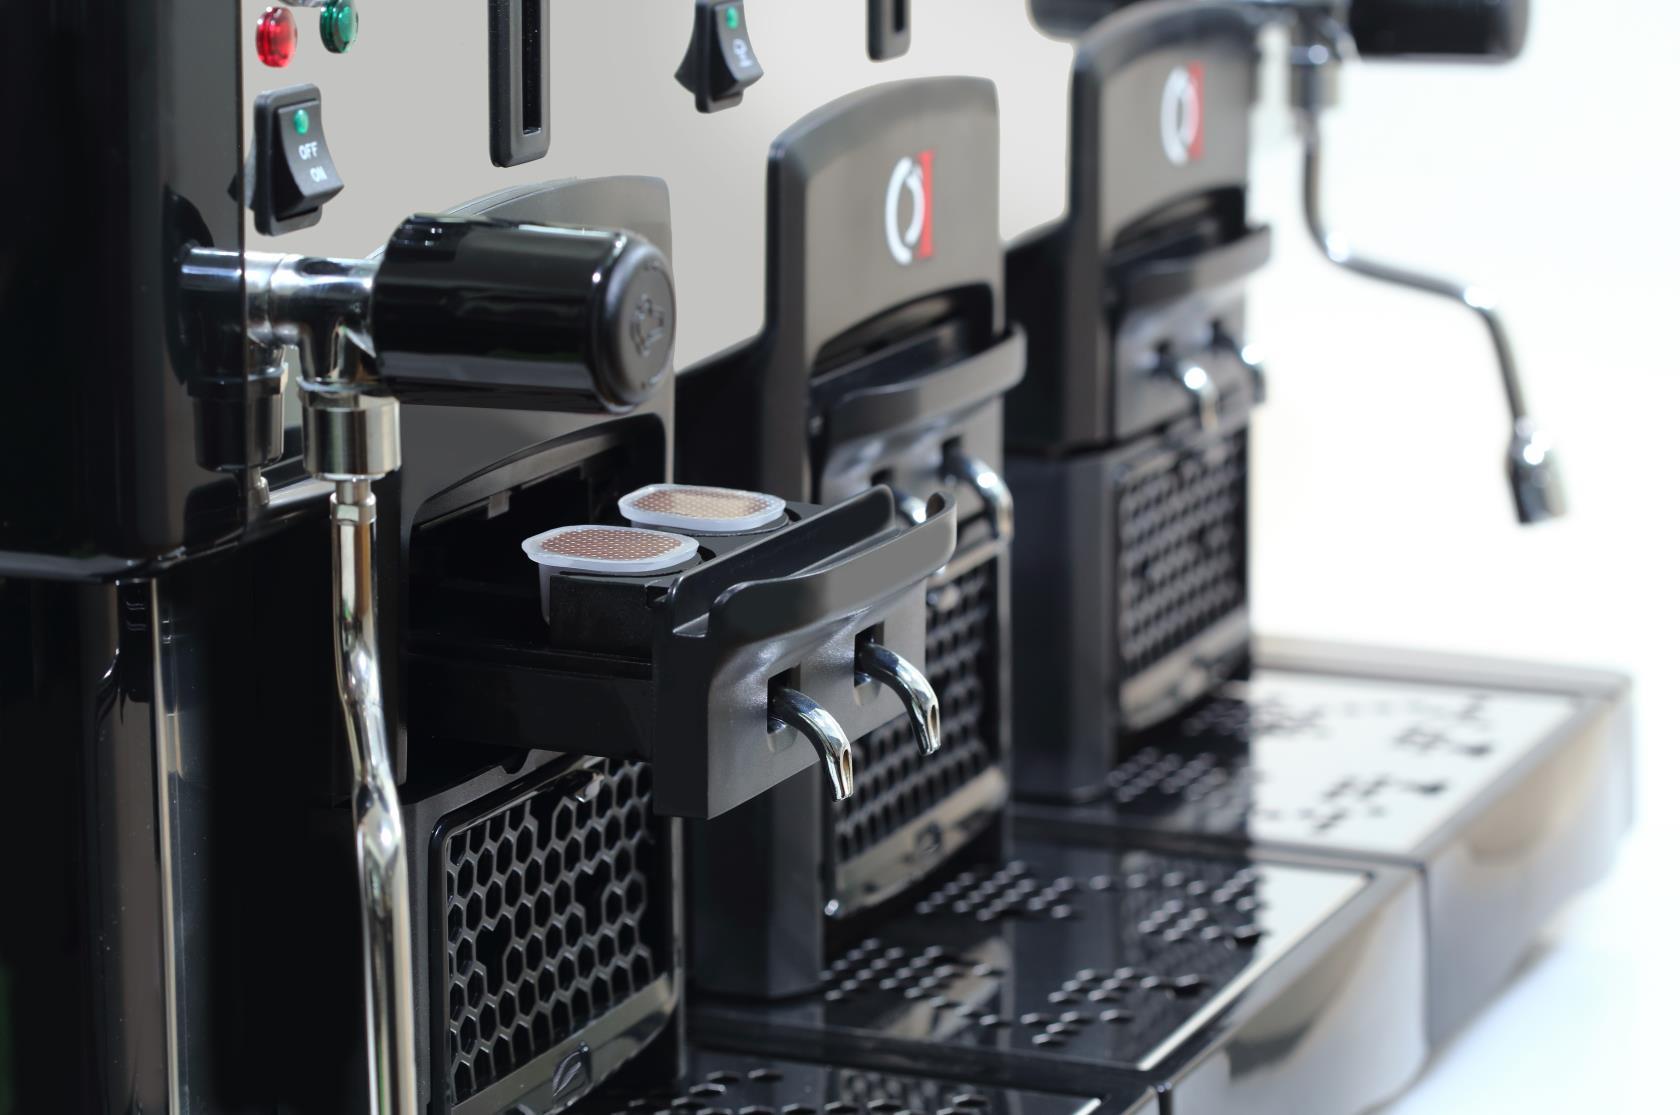 comodato d'uso di macchine da caffè